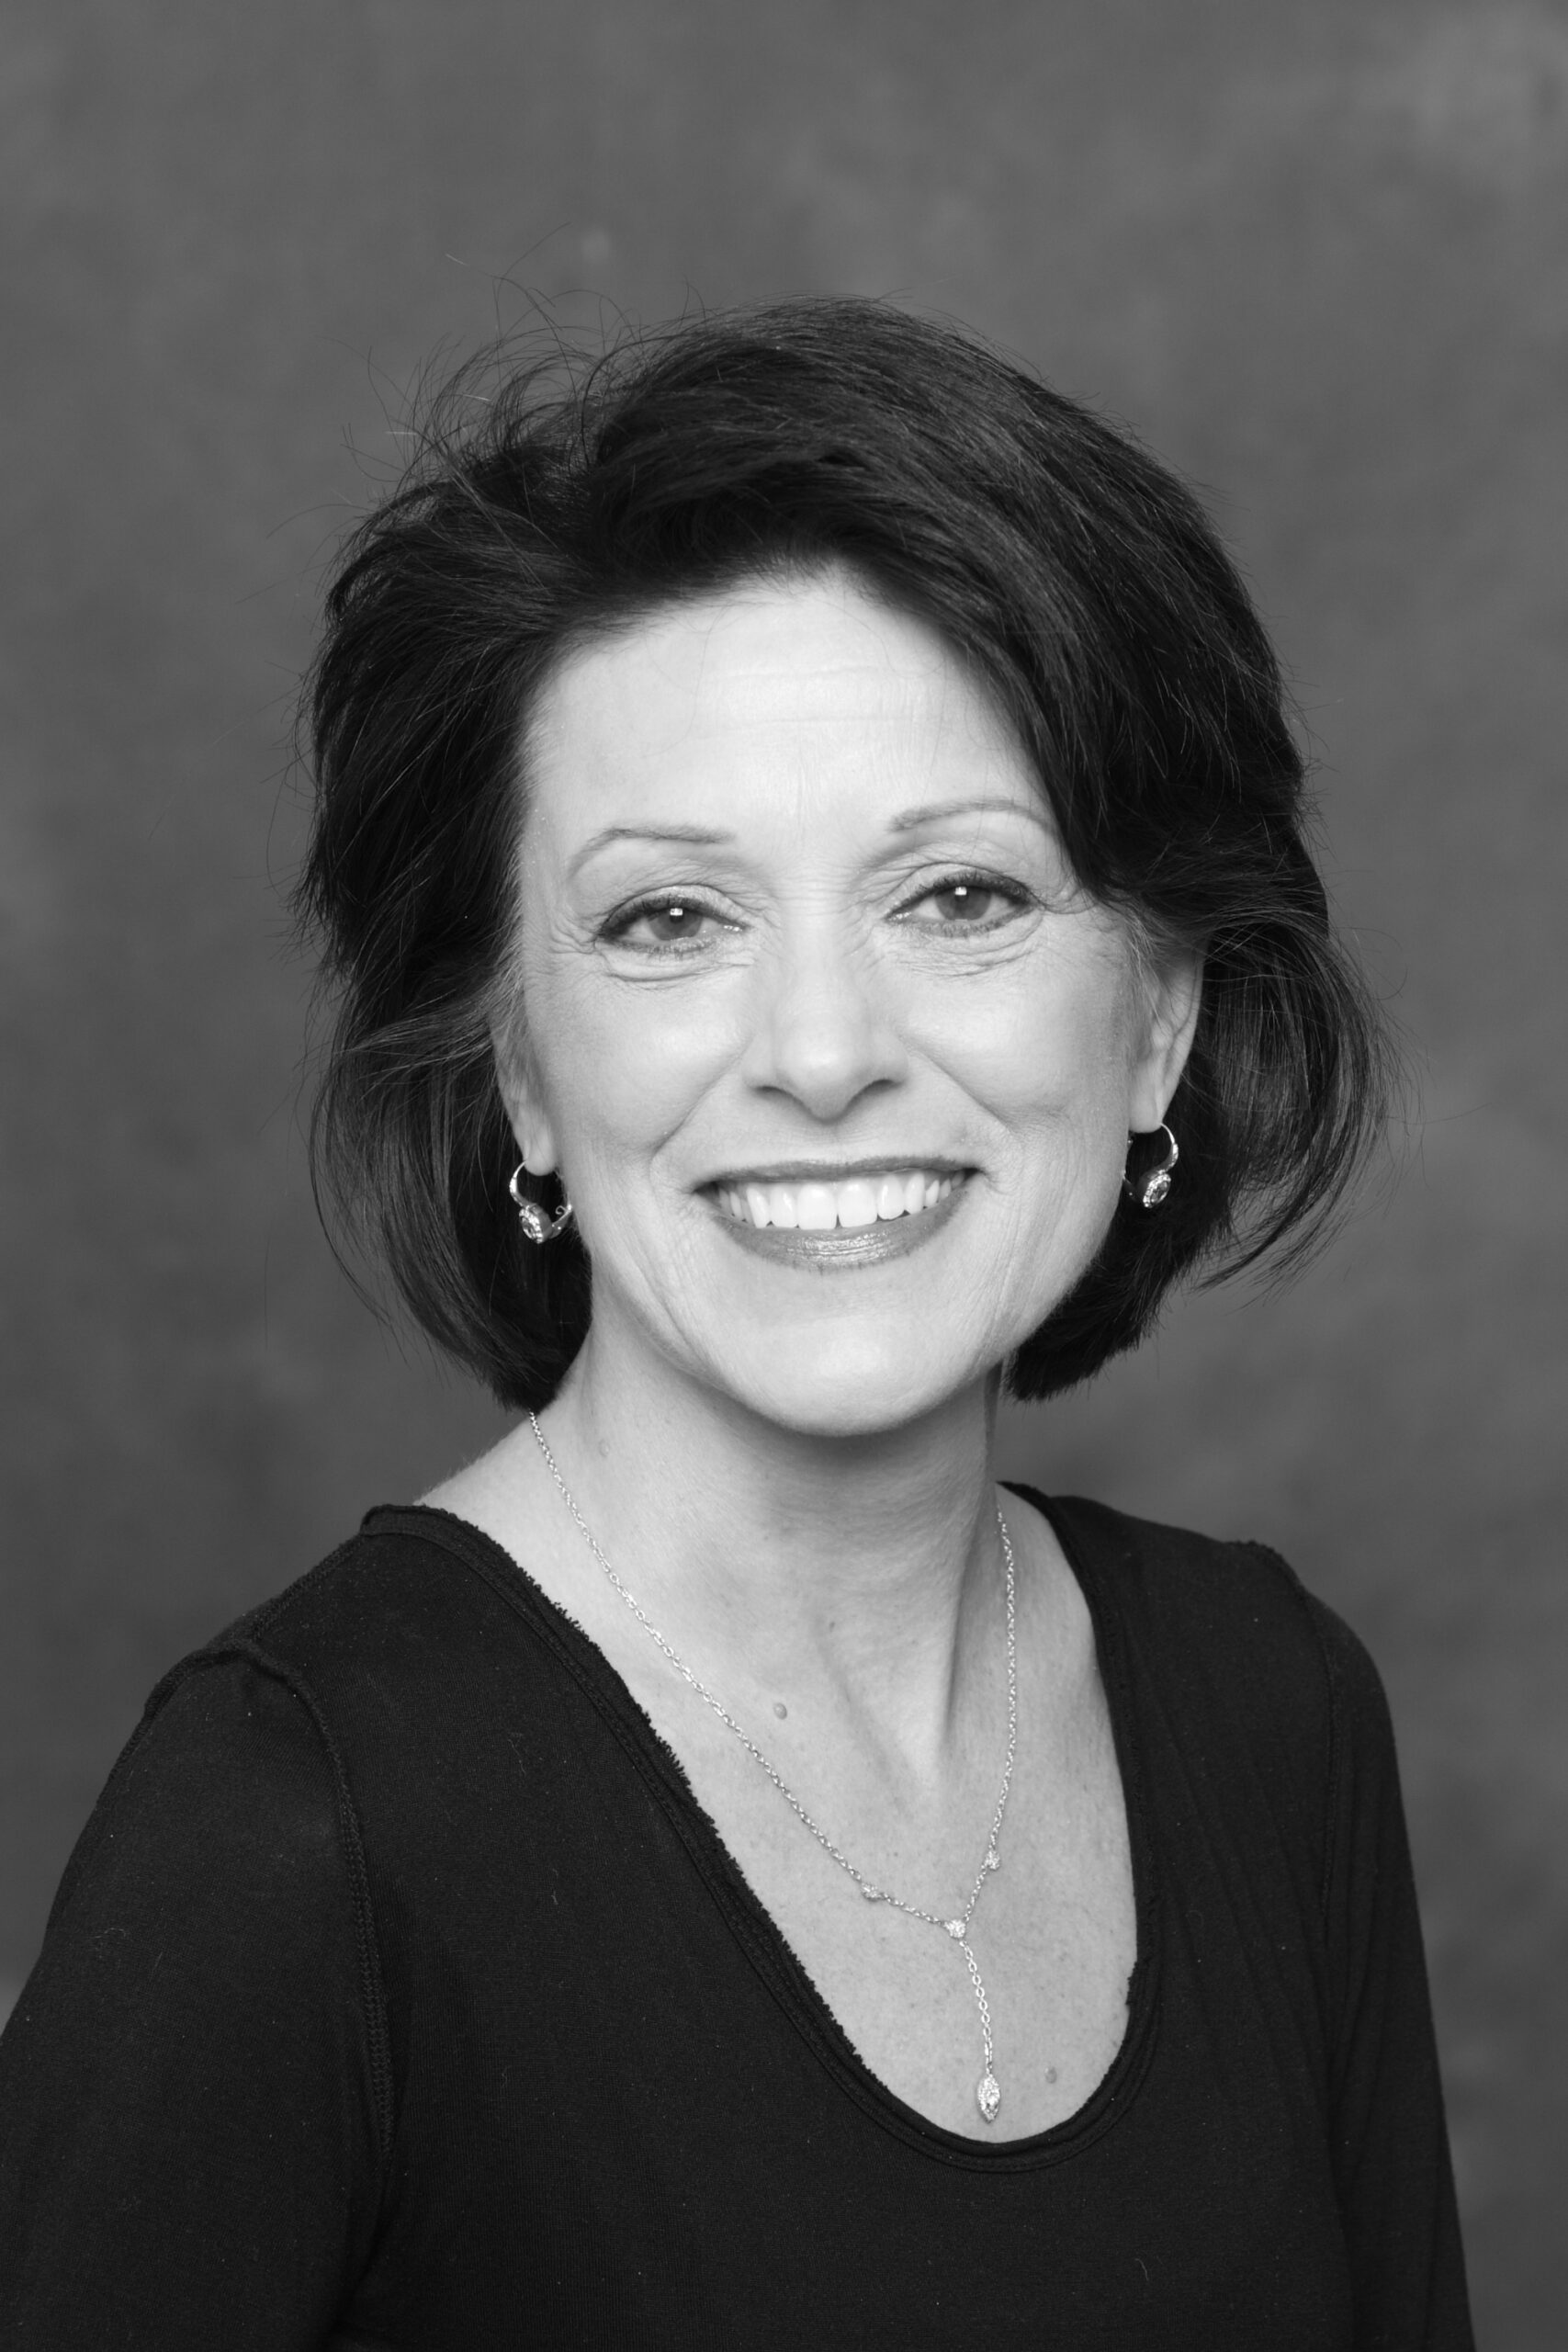 Janet McGuirk